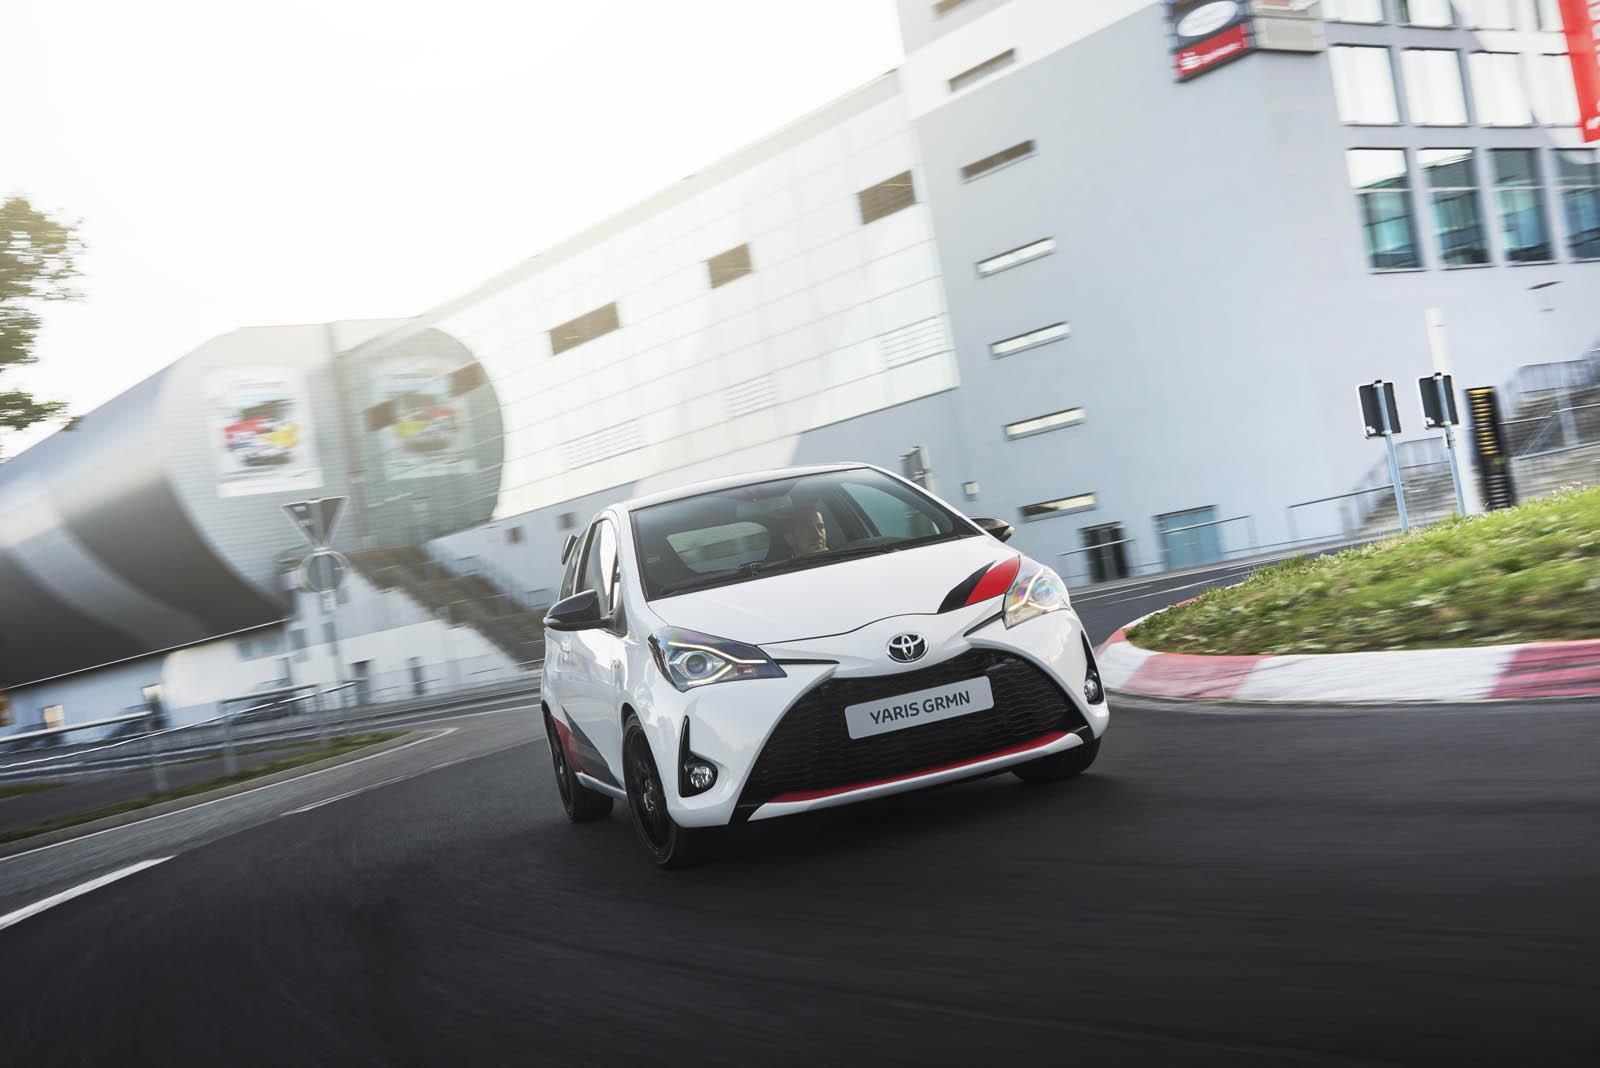 Toyota Yaris GRMN (10)